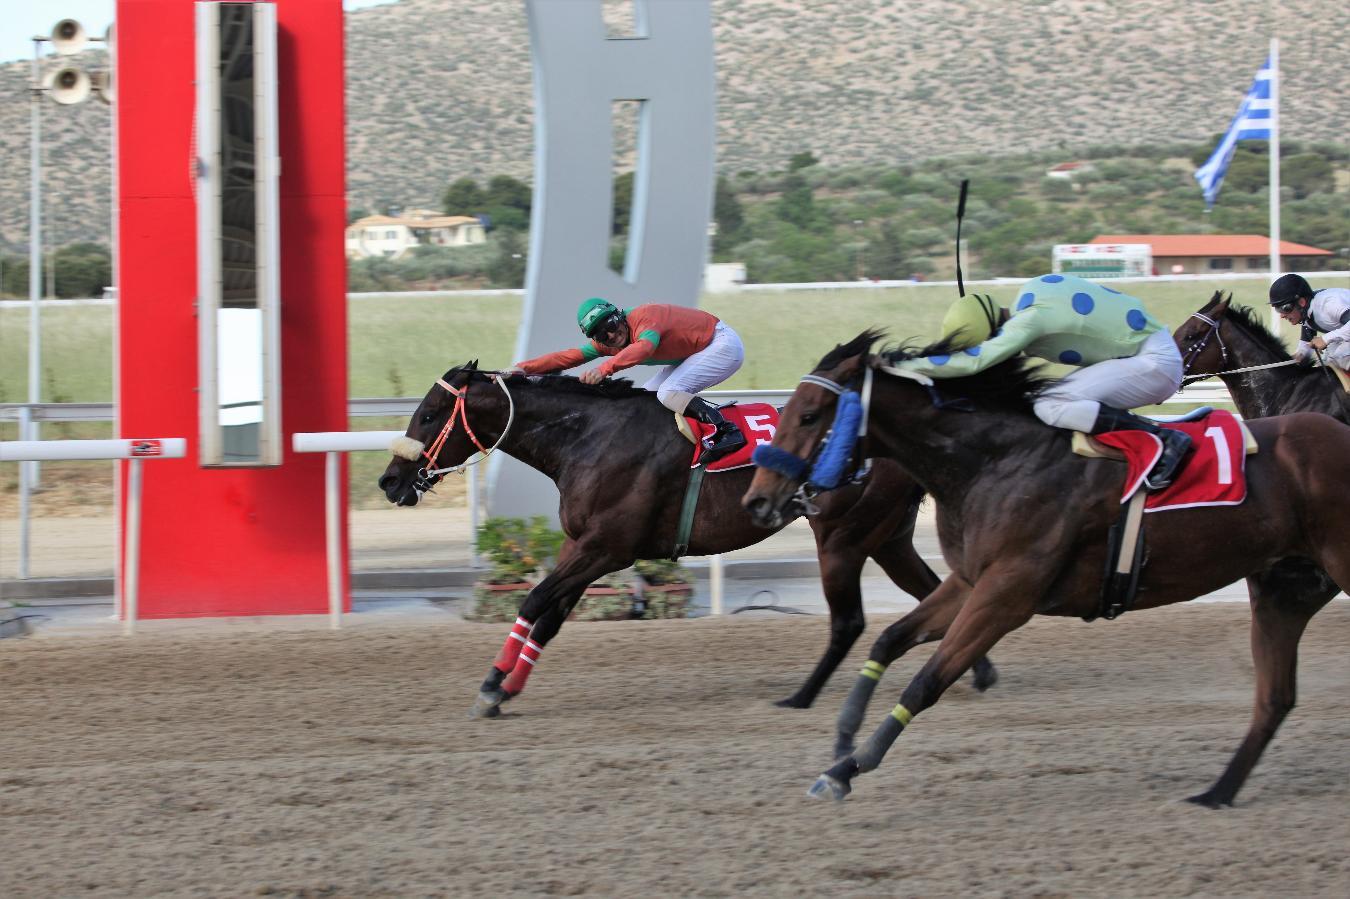 Ο ίππος ΜΑΝΟΥΣΟΣ «το χρυσό άλογο» της χρονιάς και…παντού τζακ-ποτ!